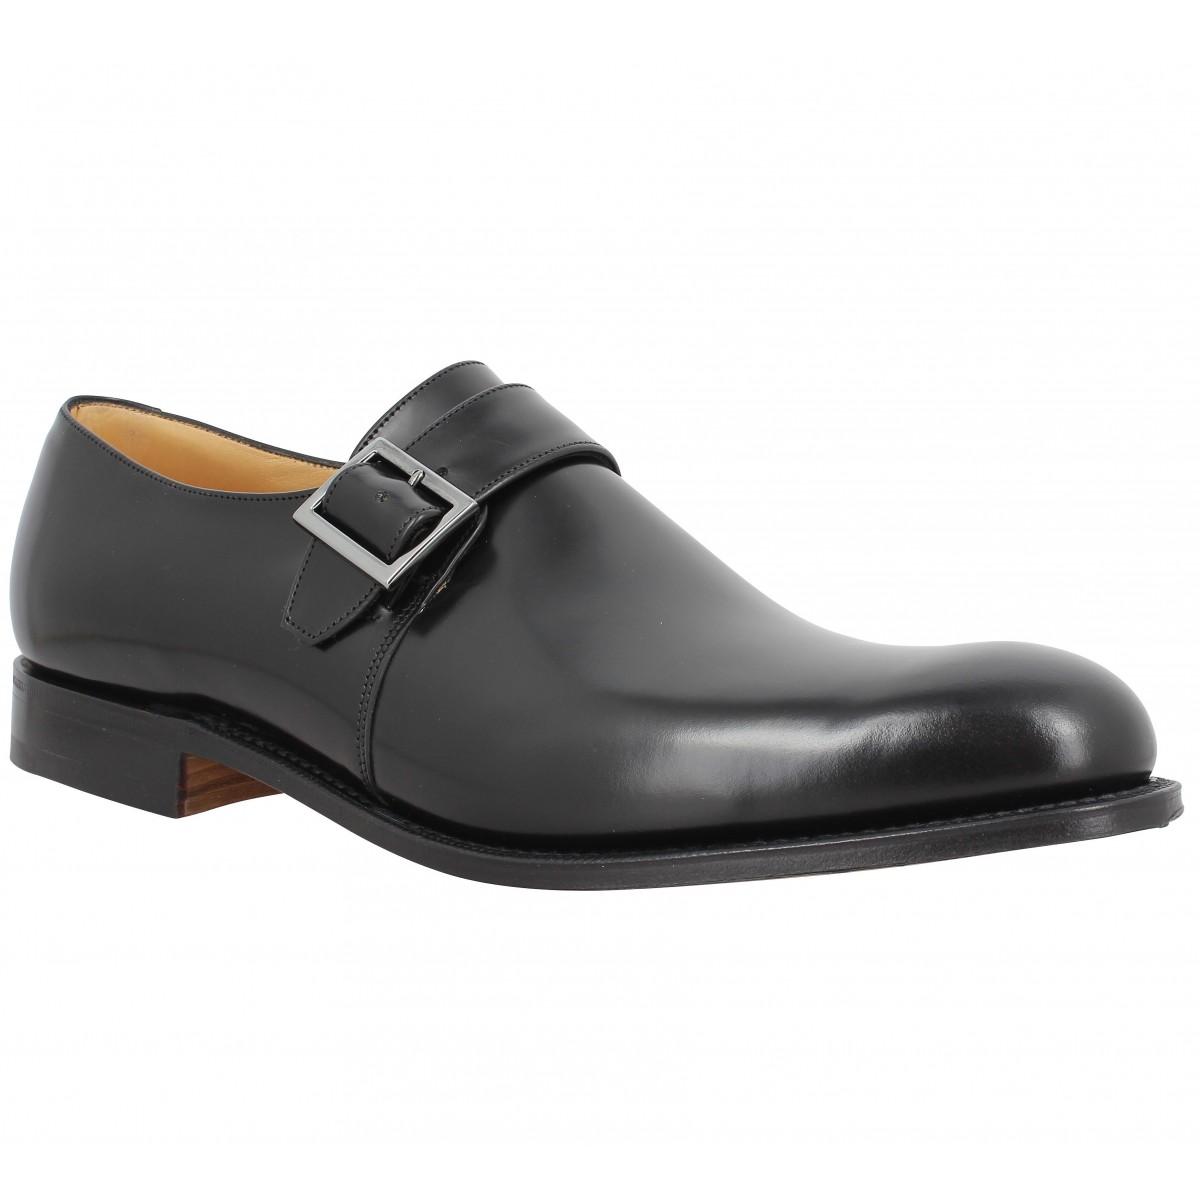 Chaussures à lacets CHURCH'S Lisbon cuir Homme Noir